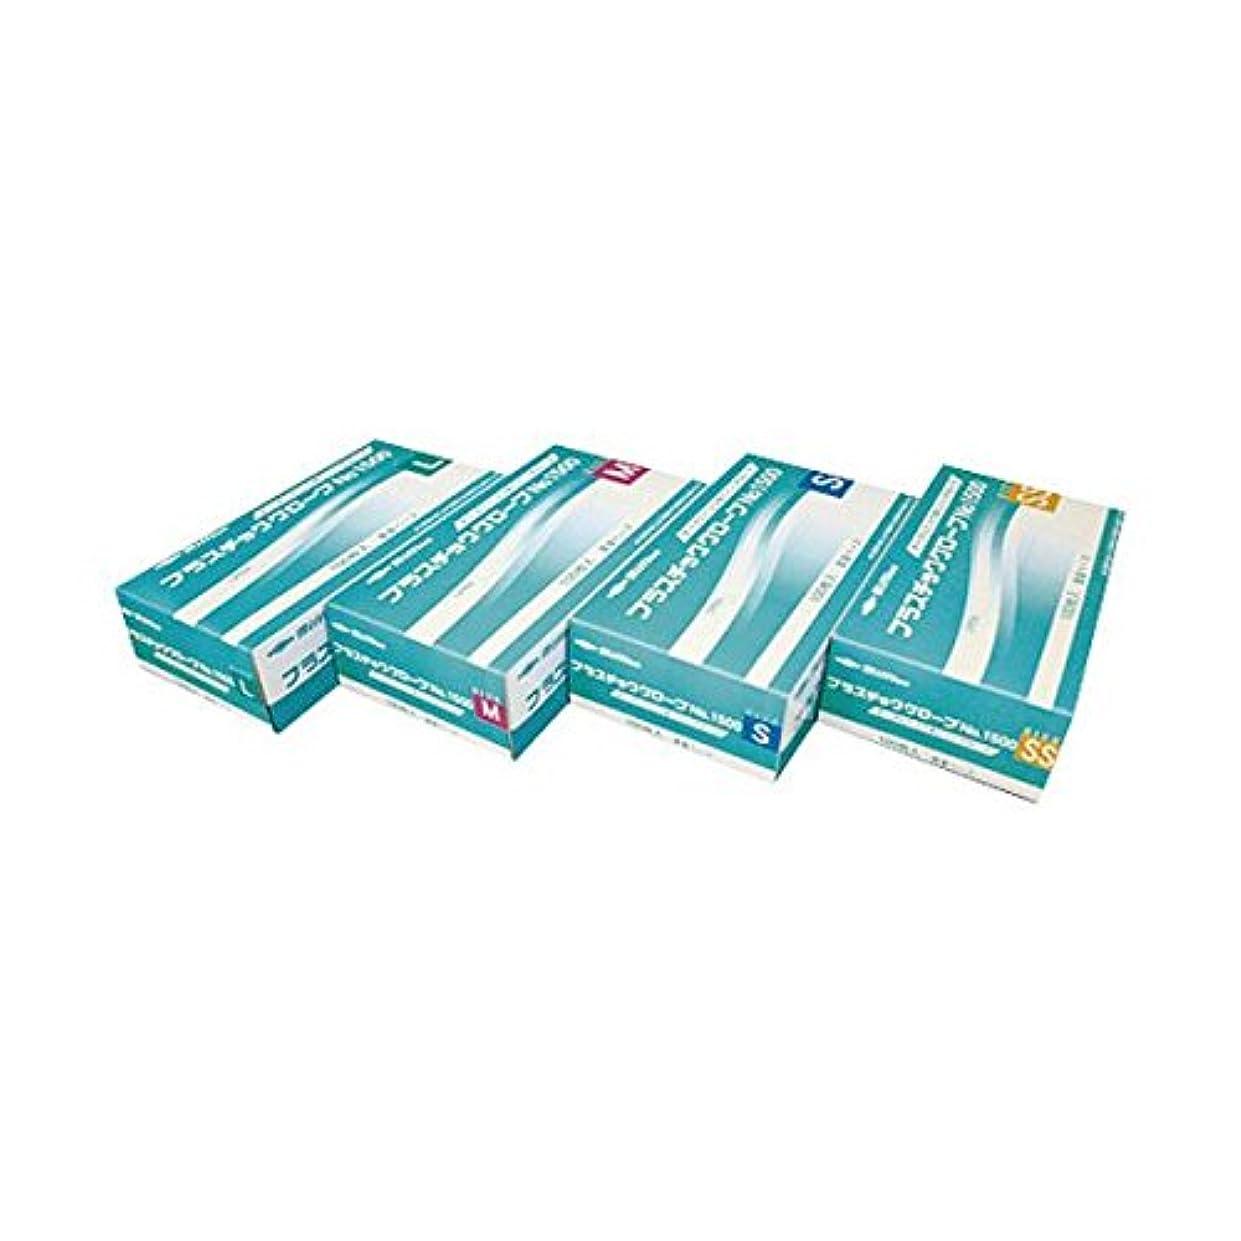 集める密度プロット共和 プラスチックグローブNo1500 S ds-1915782